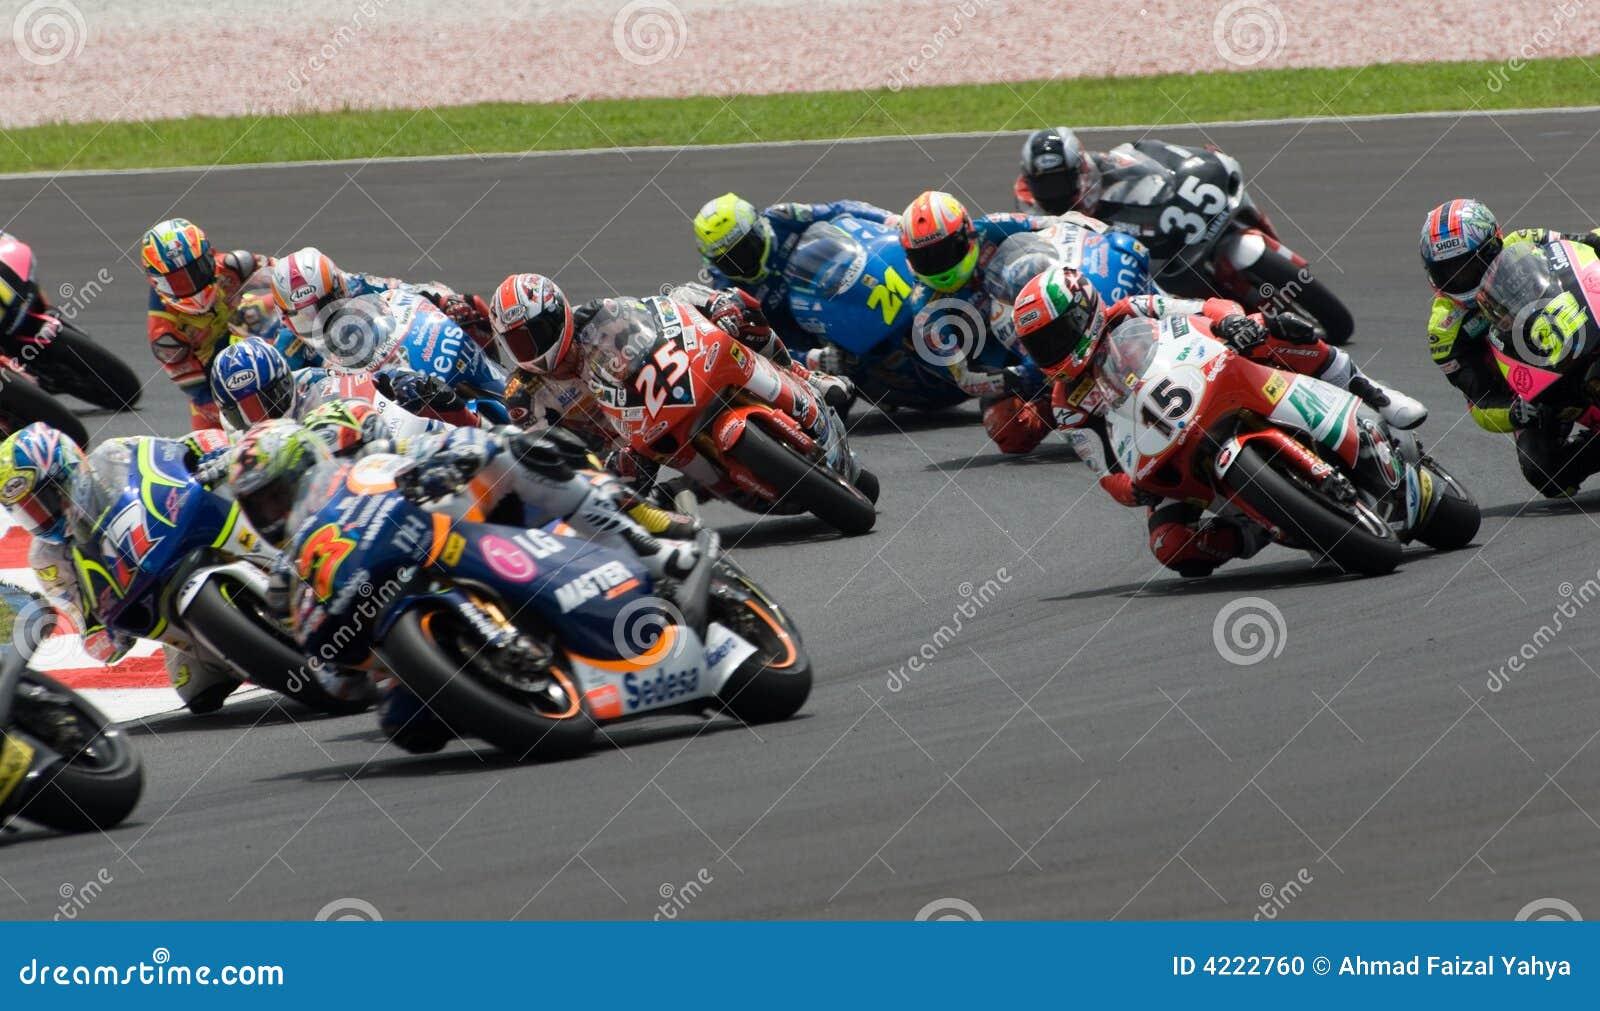 För malaysianmotorcykel för G 150cc ryttare 2007 för polini